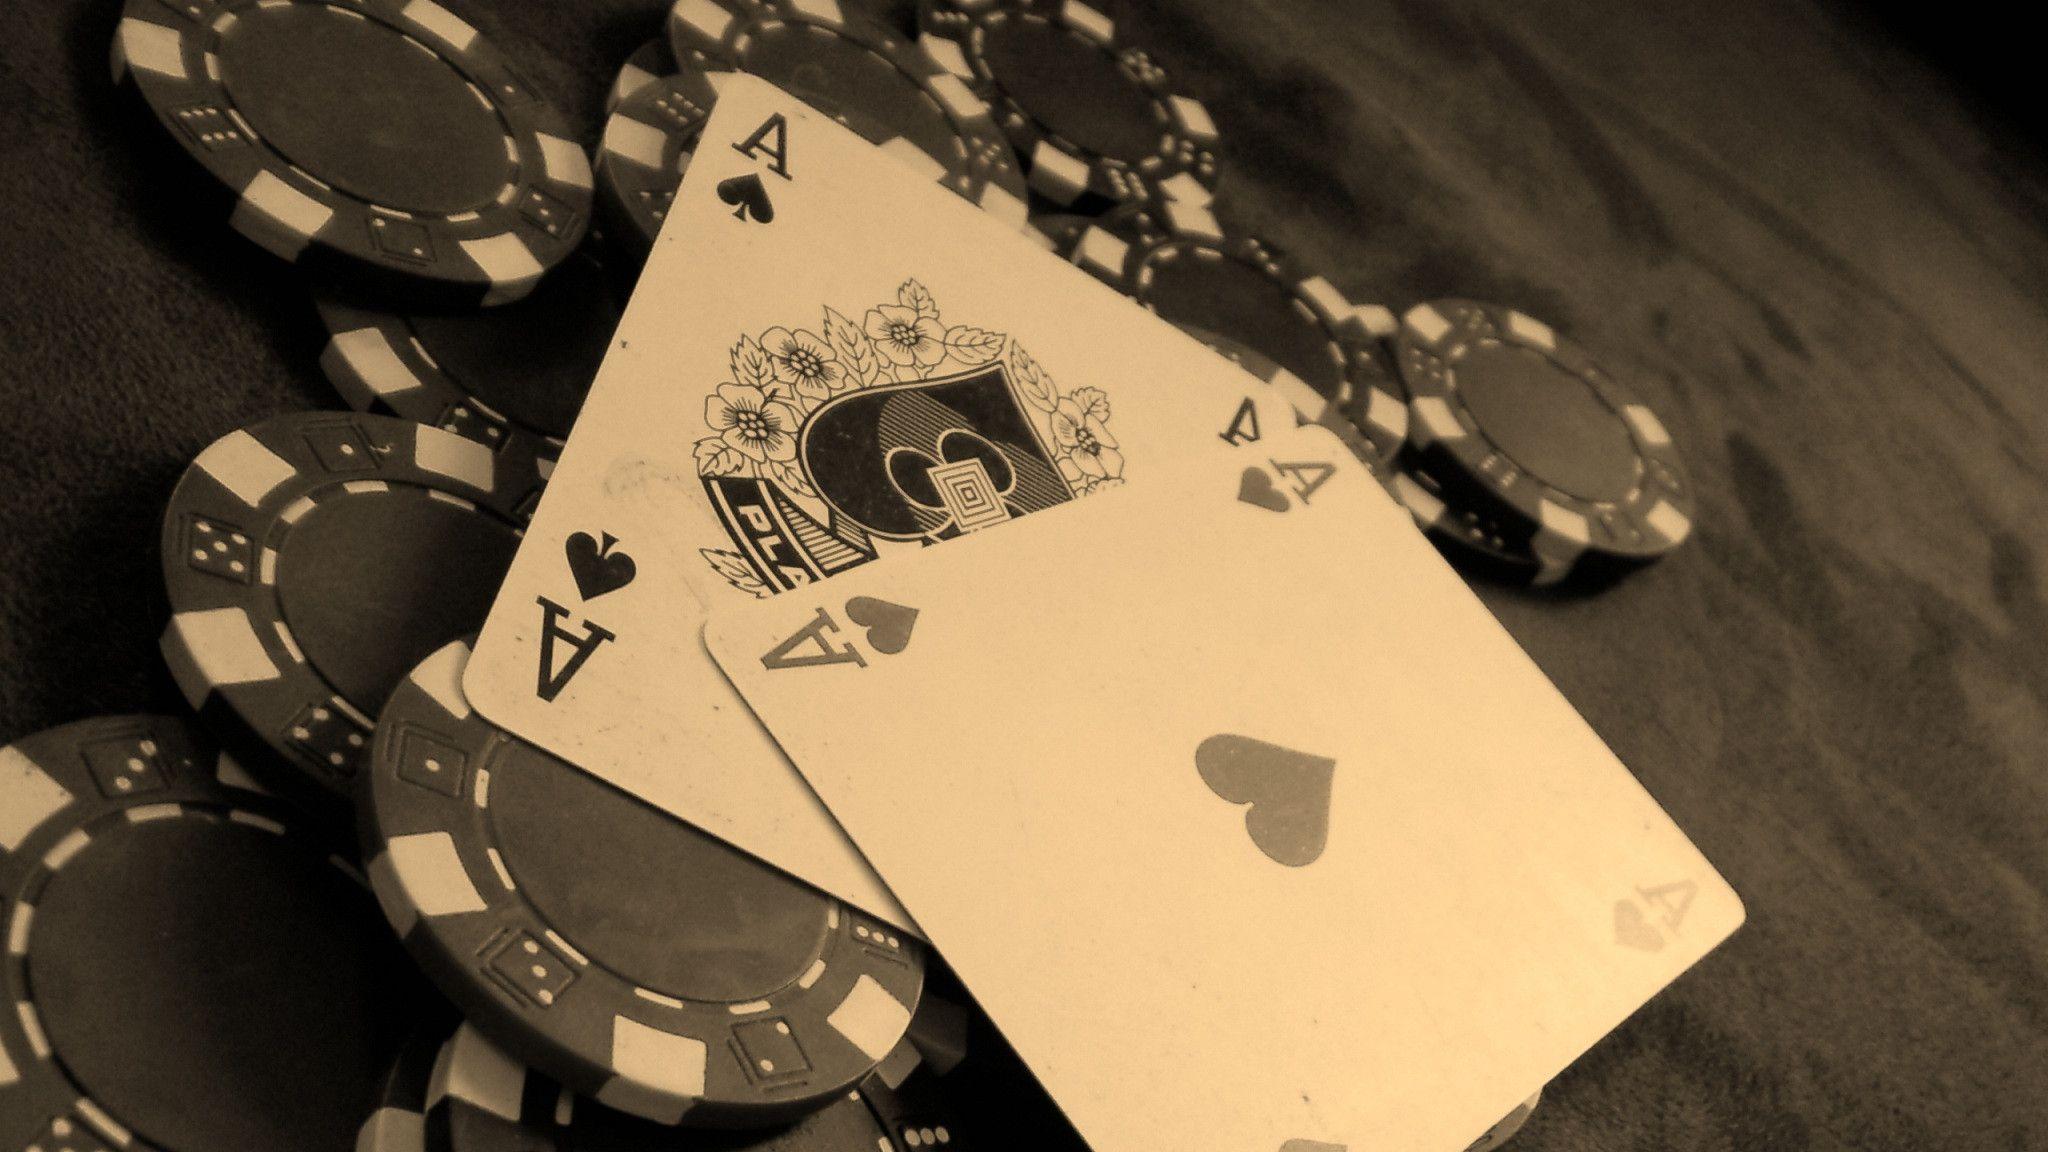 5601224-poker-wallpaper.jpg